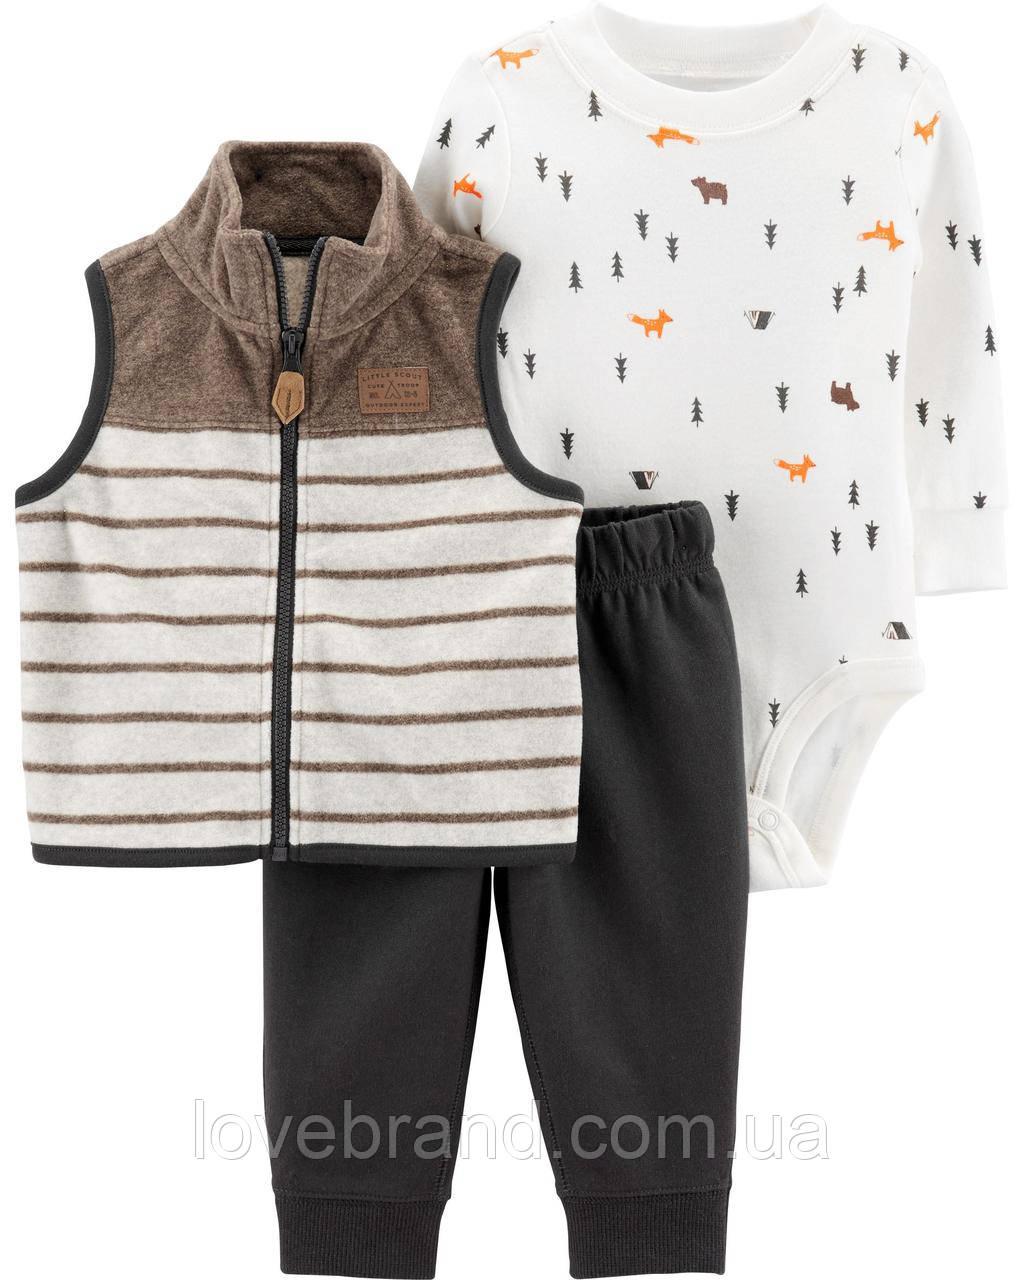 Комплект тройка для мальчика carters, жилетка + штаны + боди картерс 12 мес/72-78 см